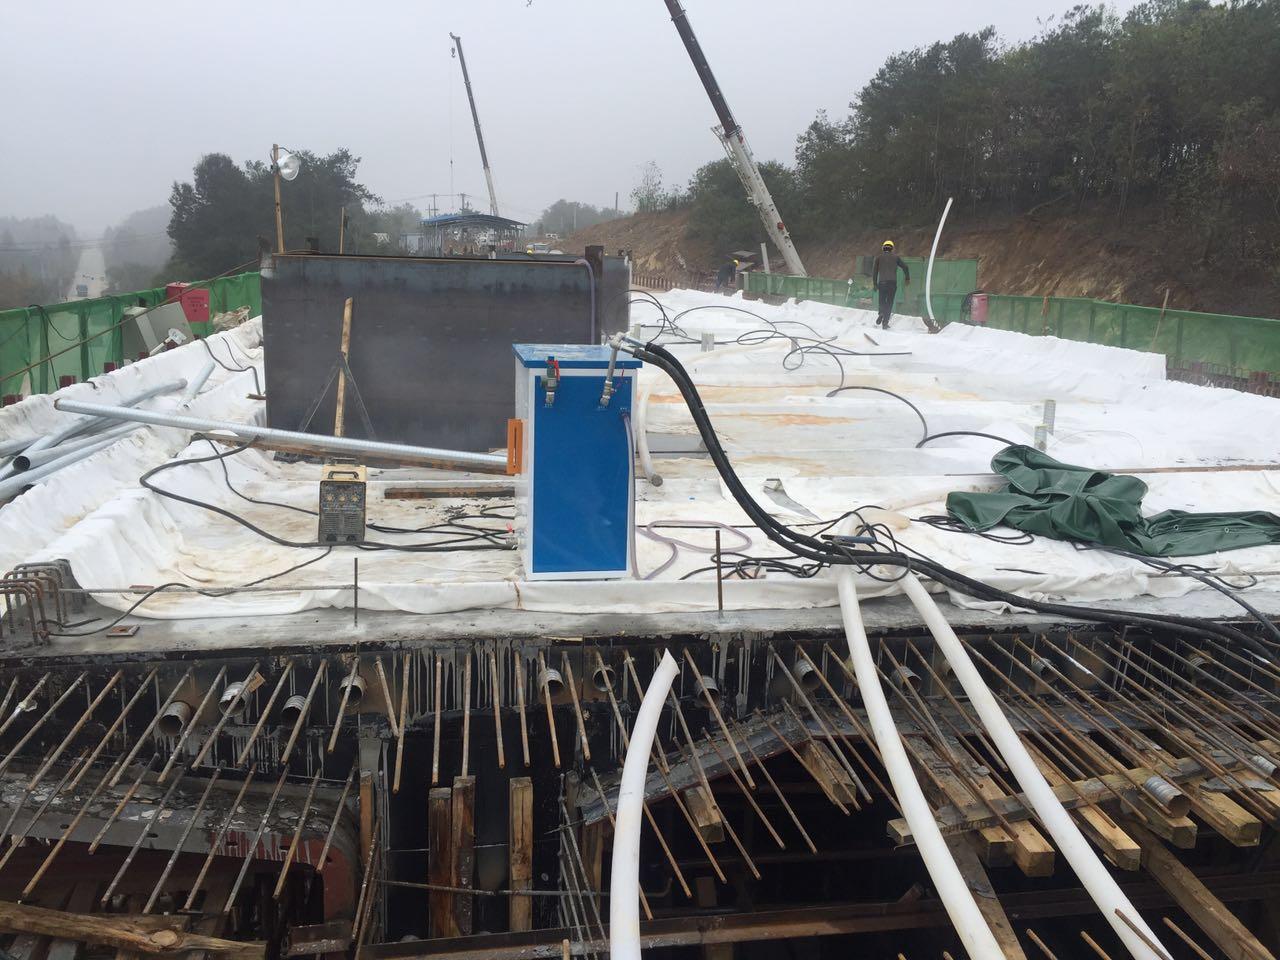 混凝土工程如何开源节流?电加热混凝土养护蒸汽发生器智能又节能